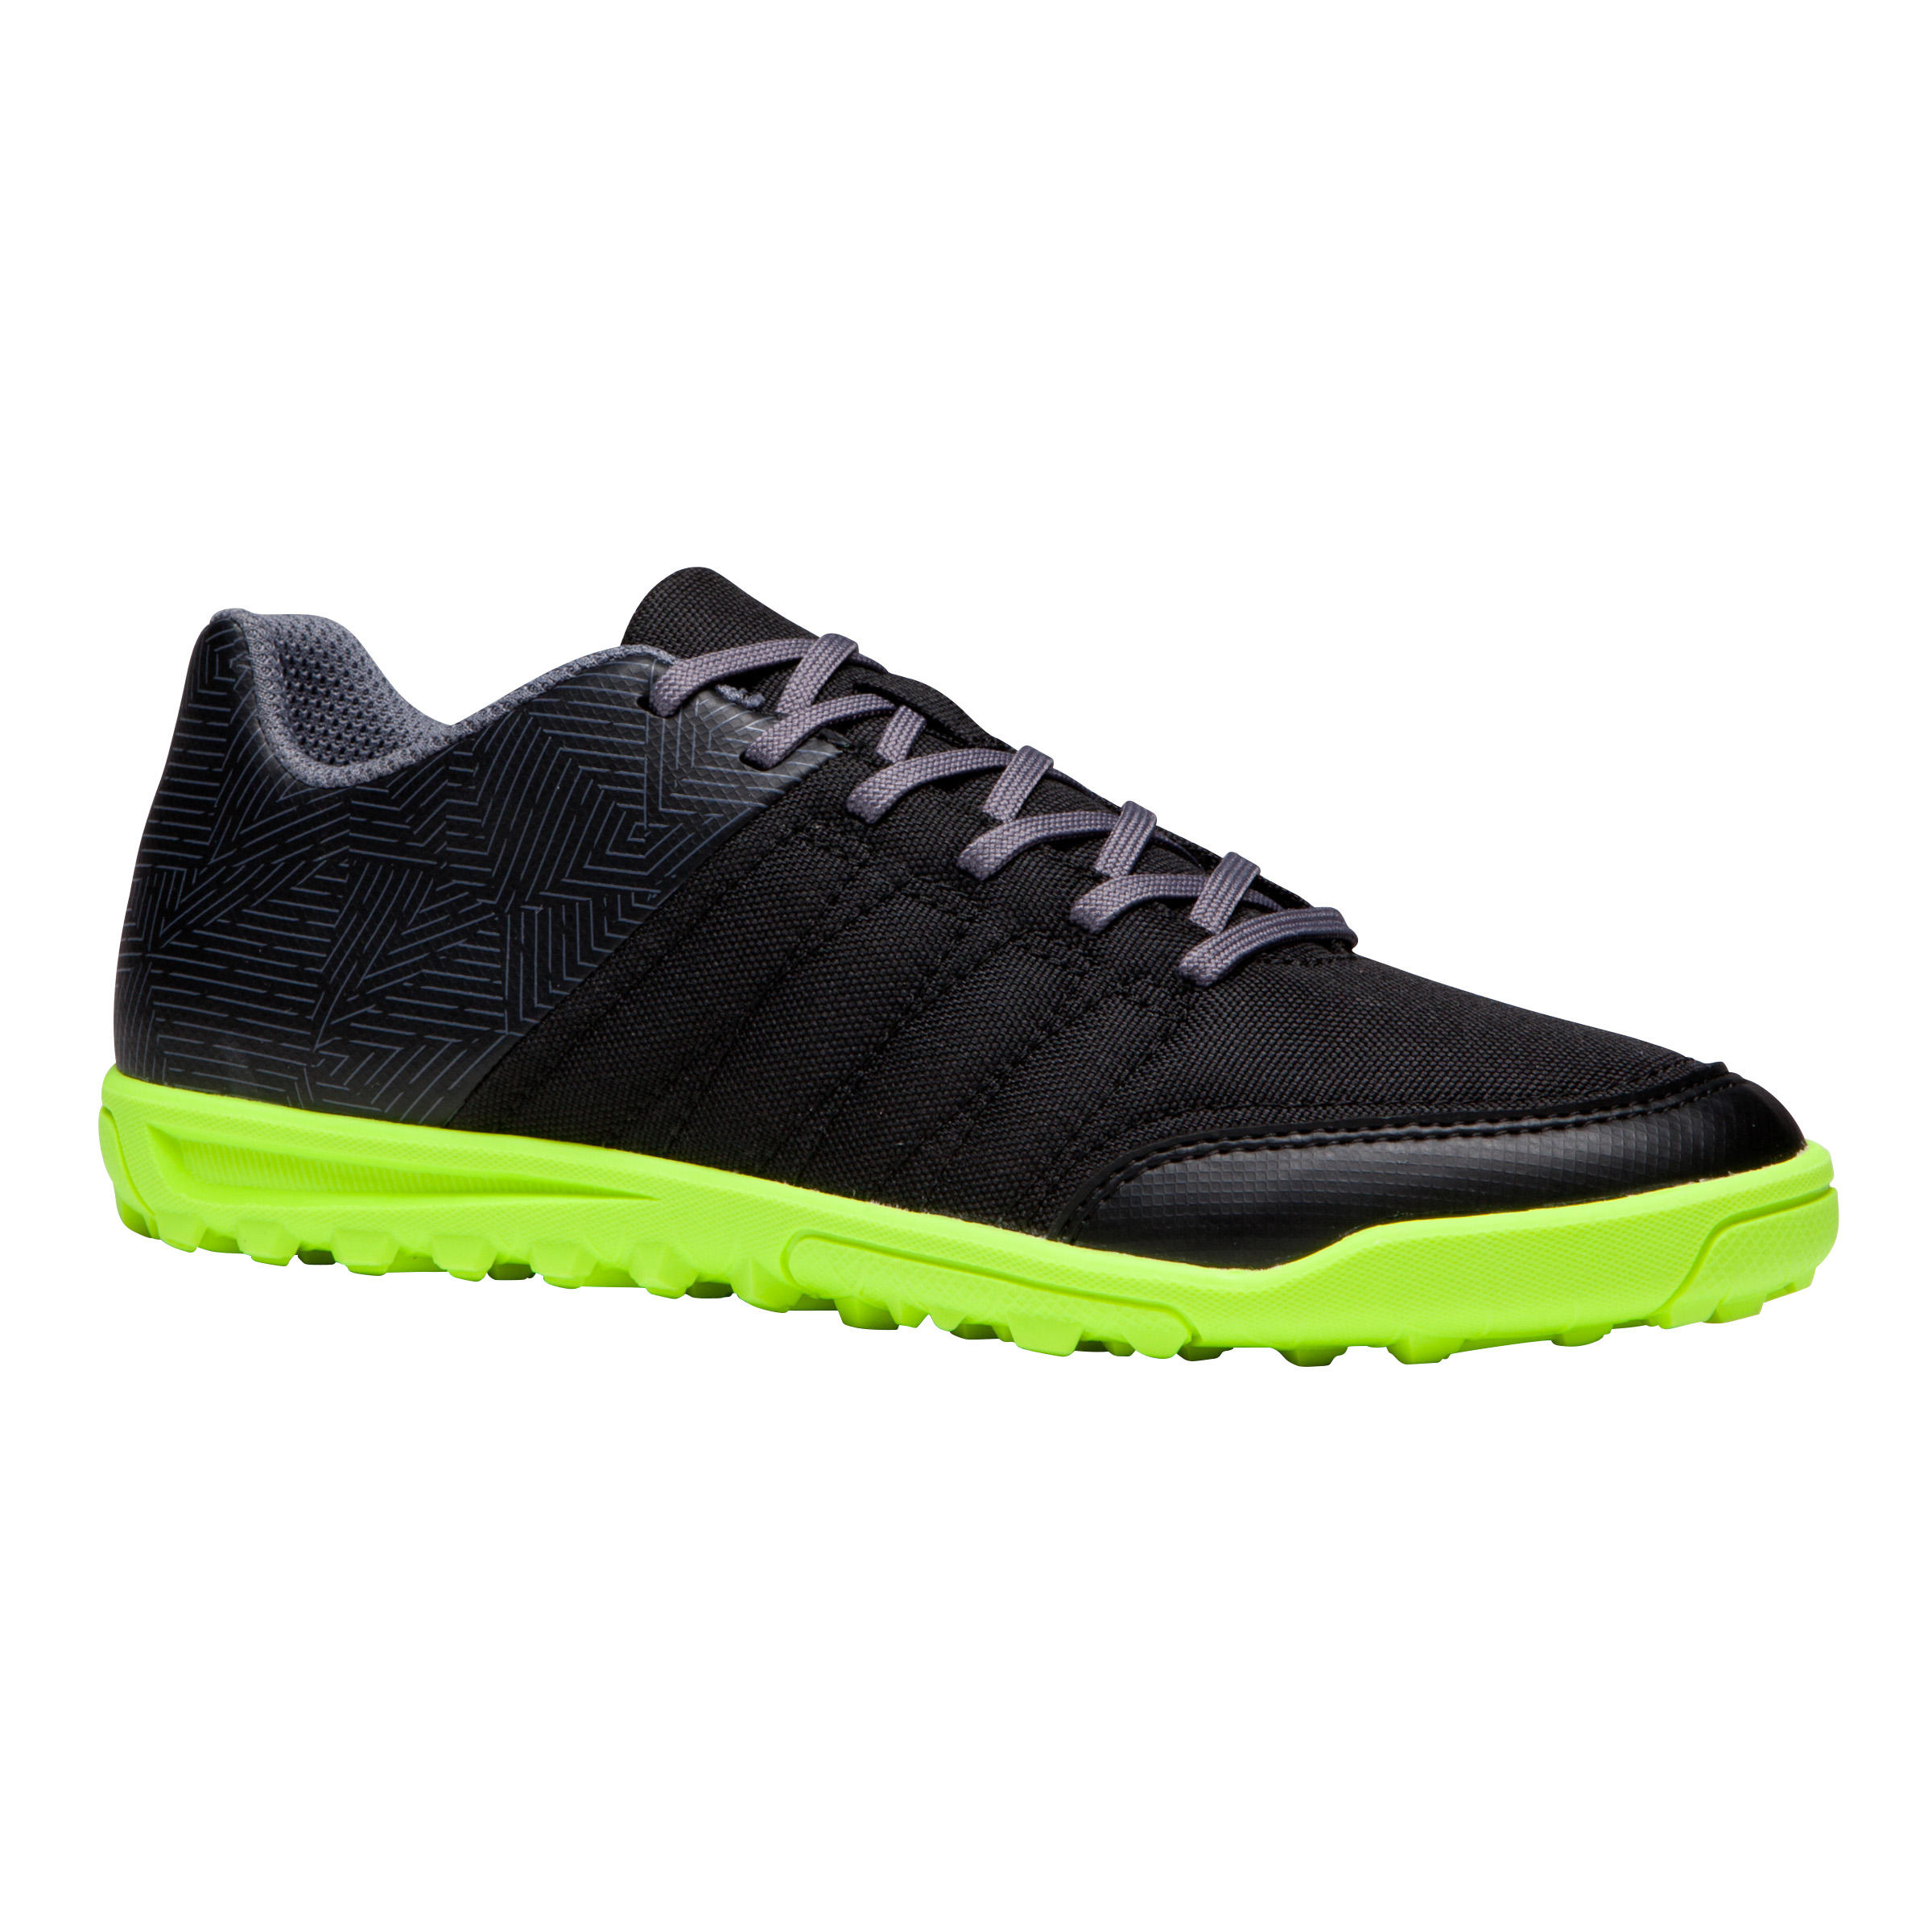 Chaussure de soccer enfant terrains durs CLR 500 HG noire jaune